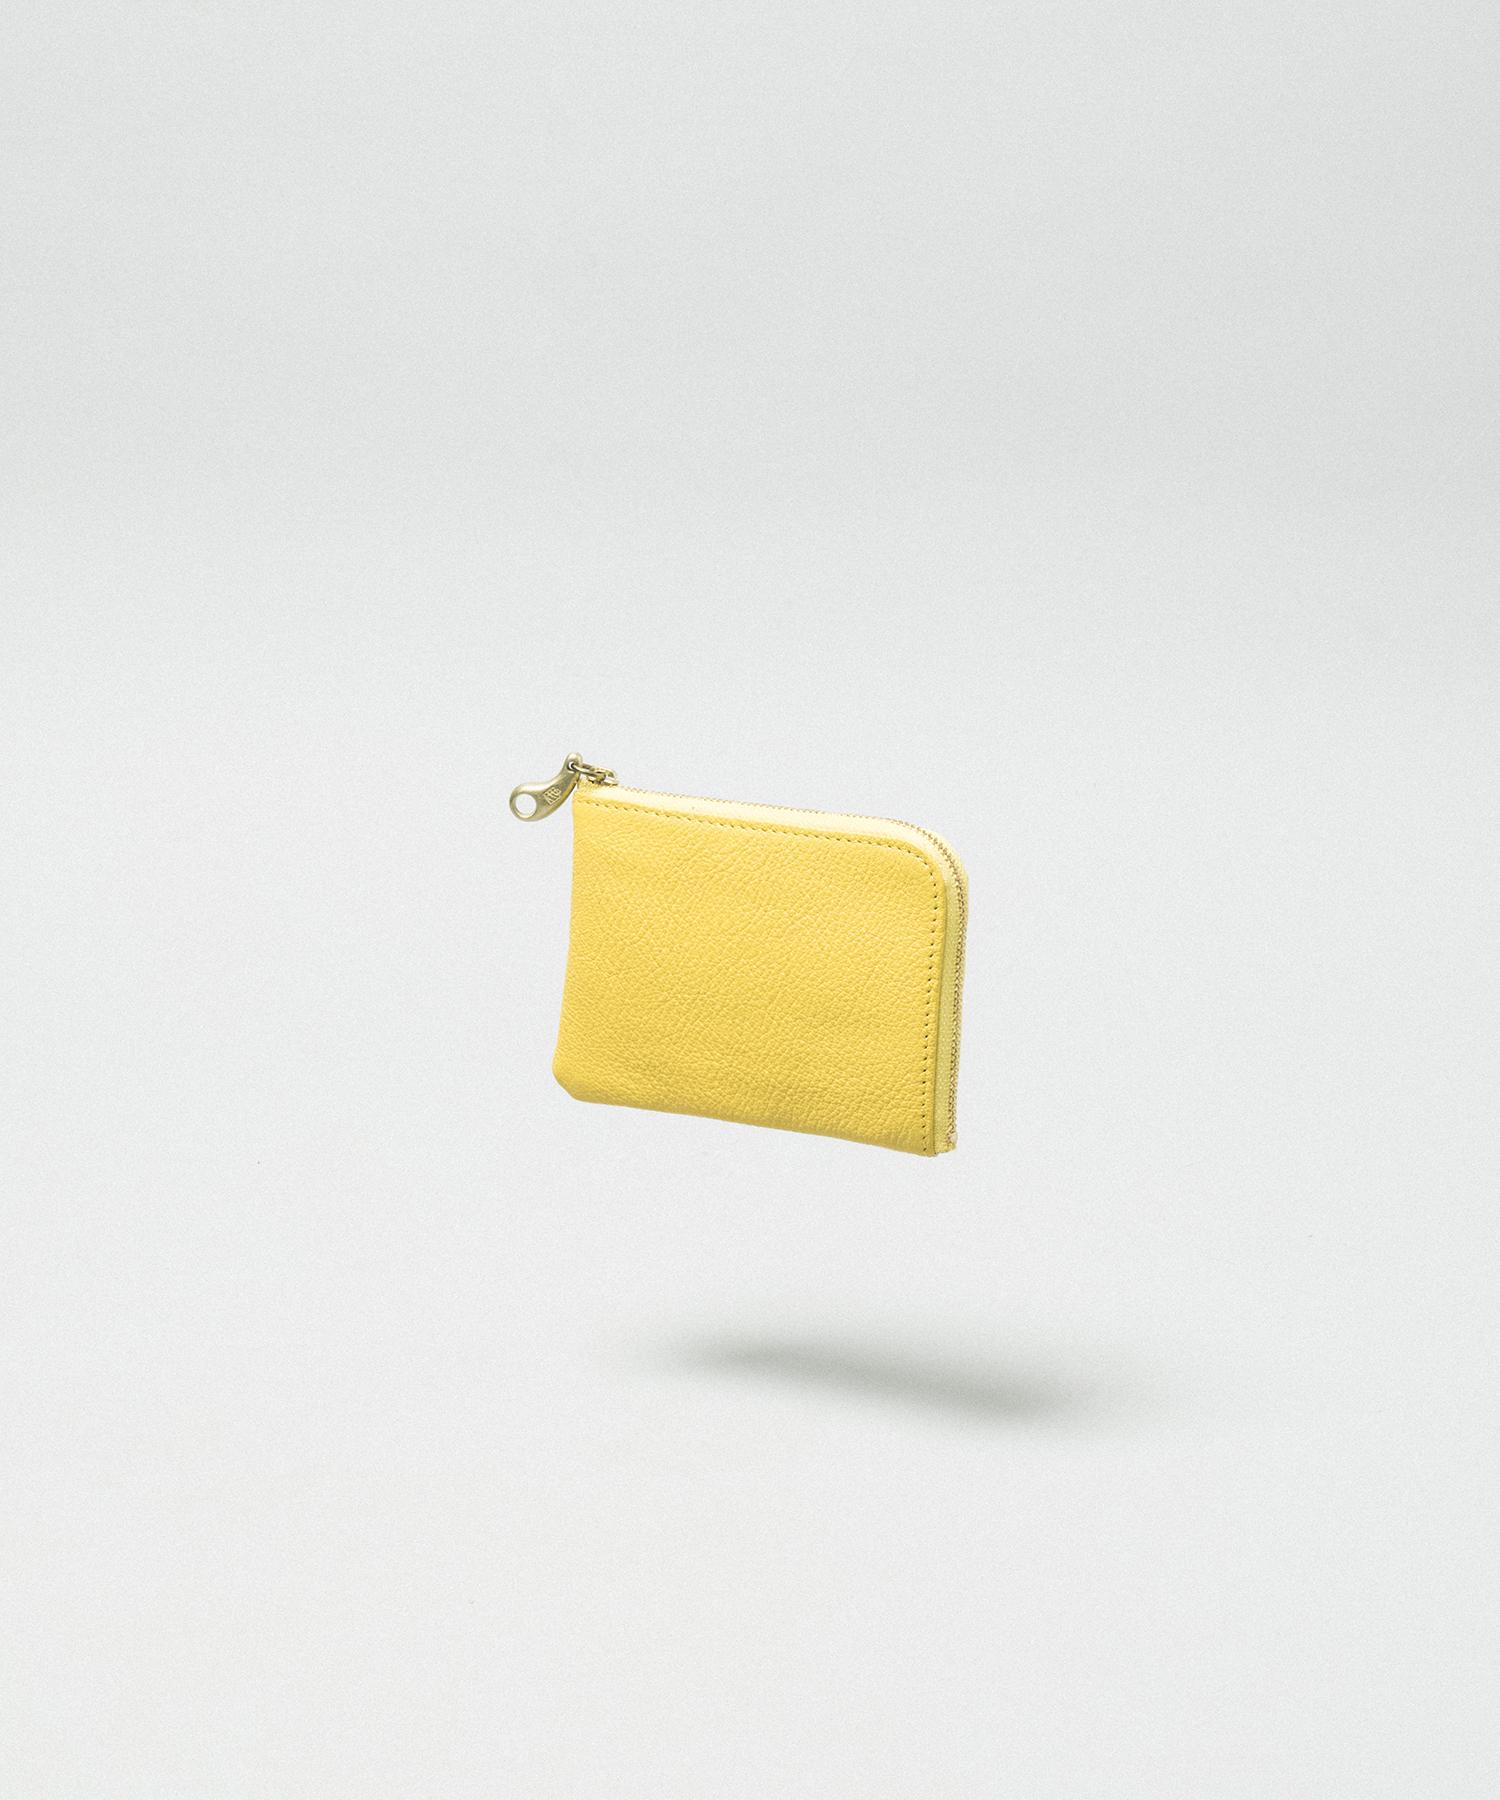 L Zip Slim Mini Wallet